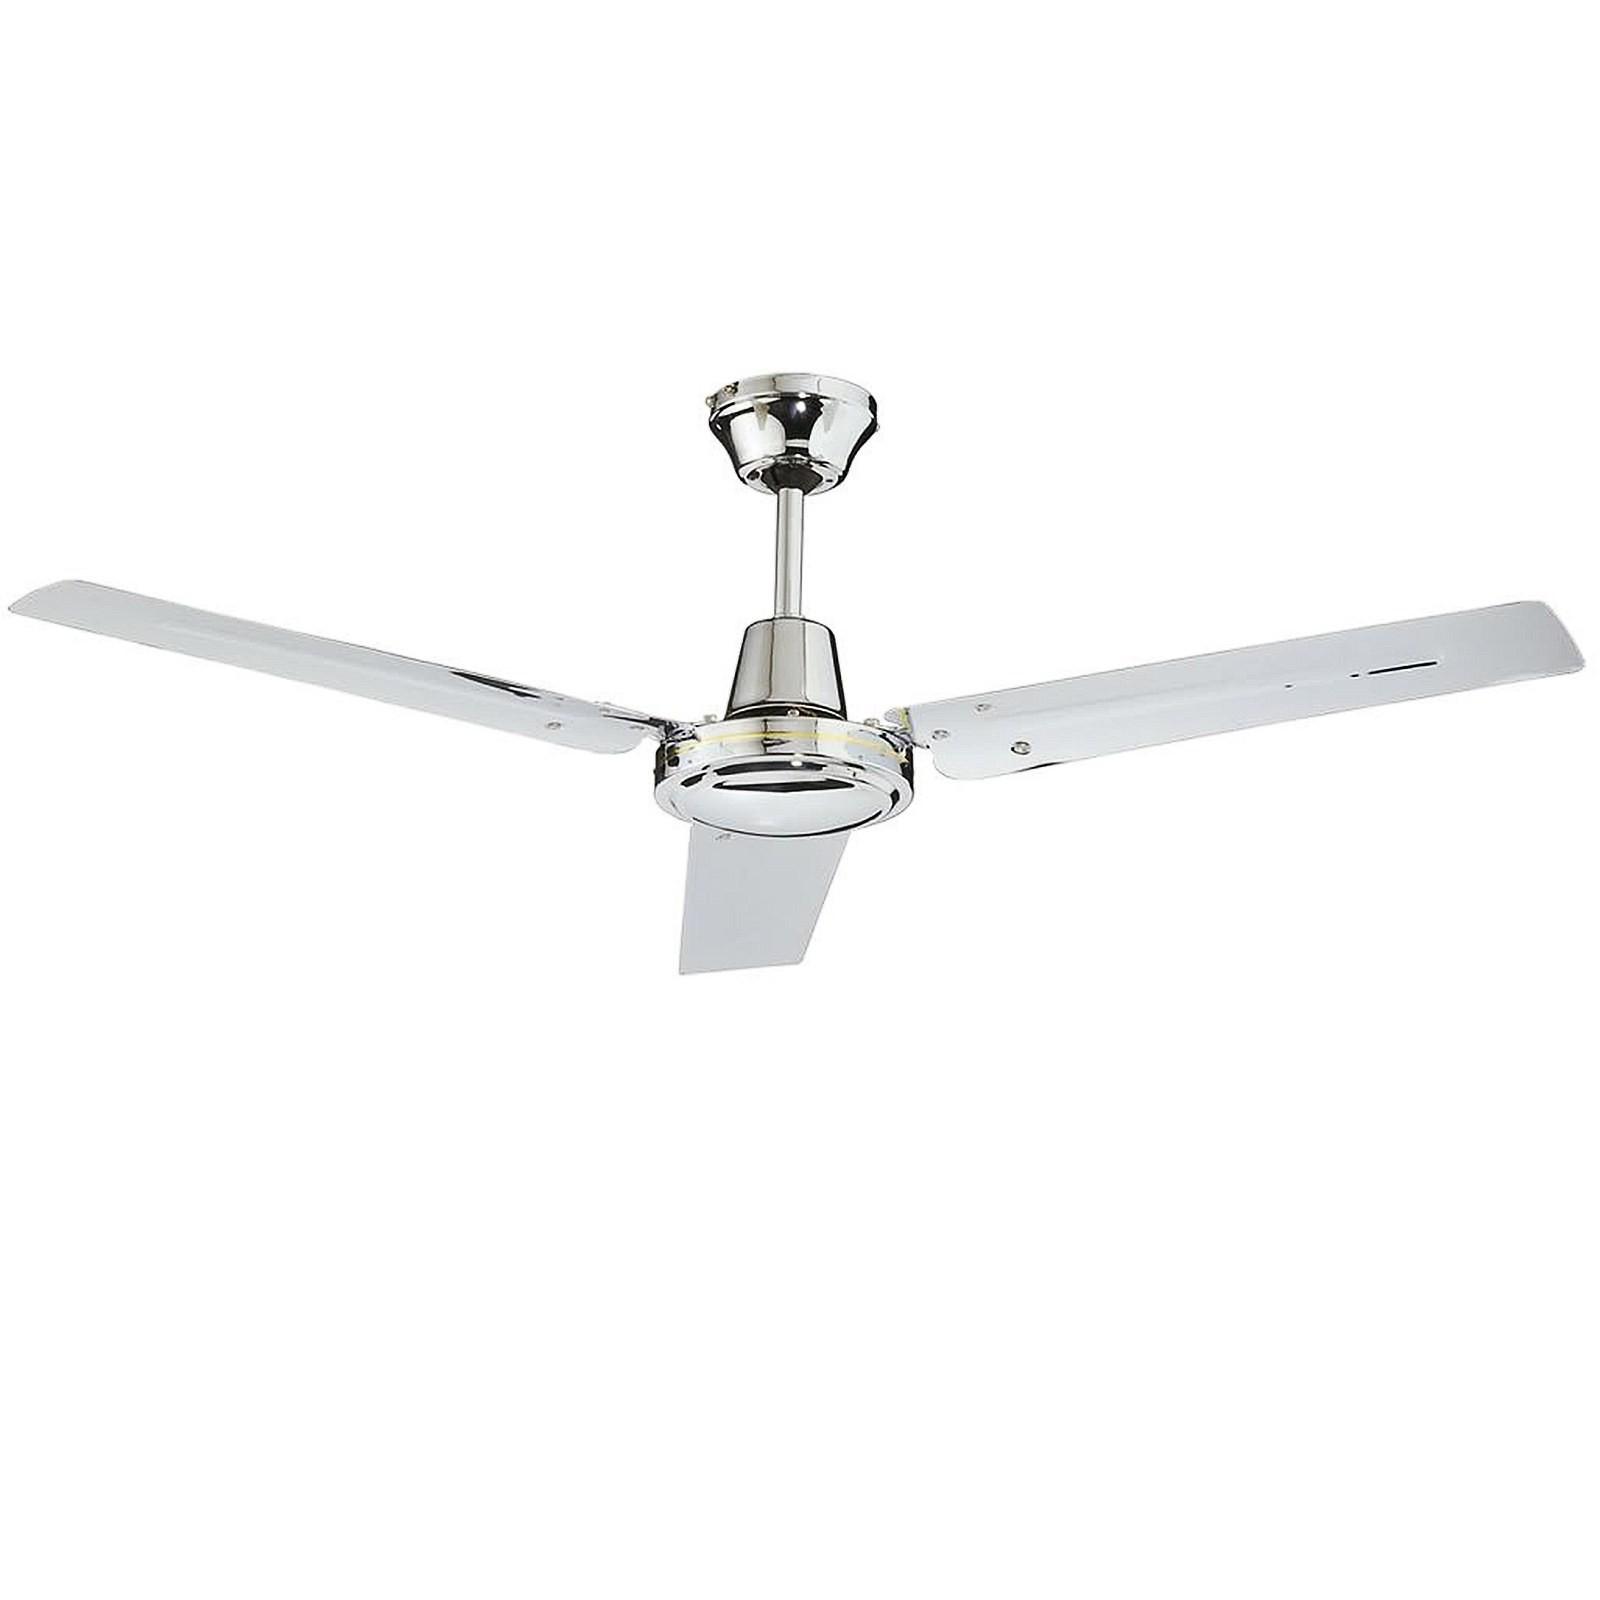 Ventilatore da parete soffitto telecomando luce lampada - Ventilatore da parete ...